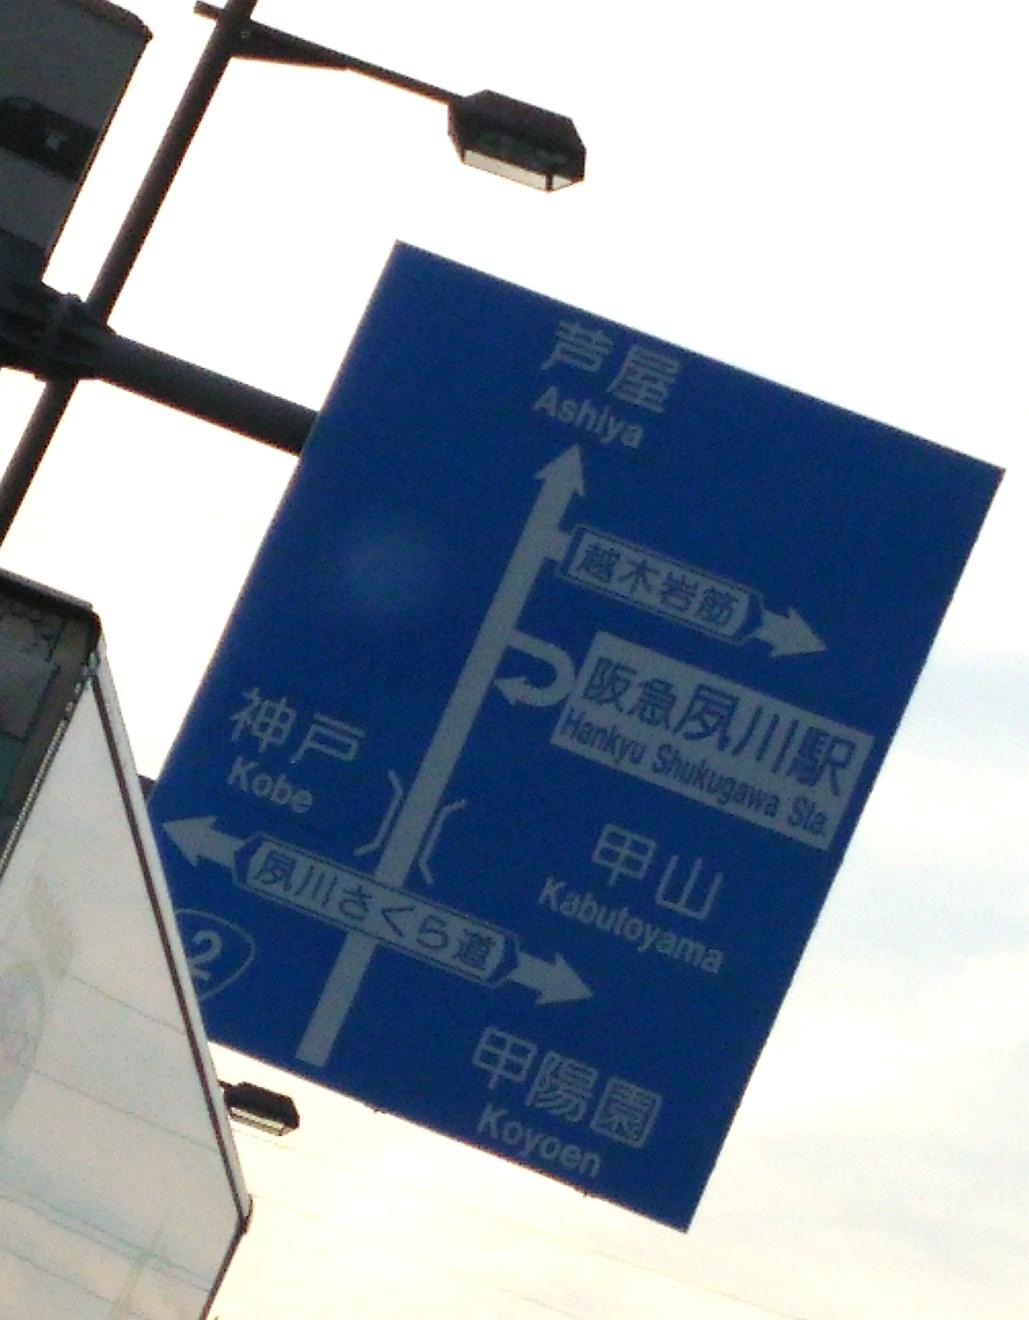 b0358719_11264659.jpg